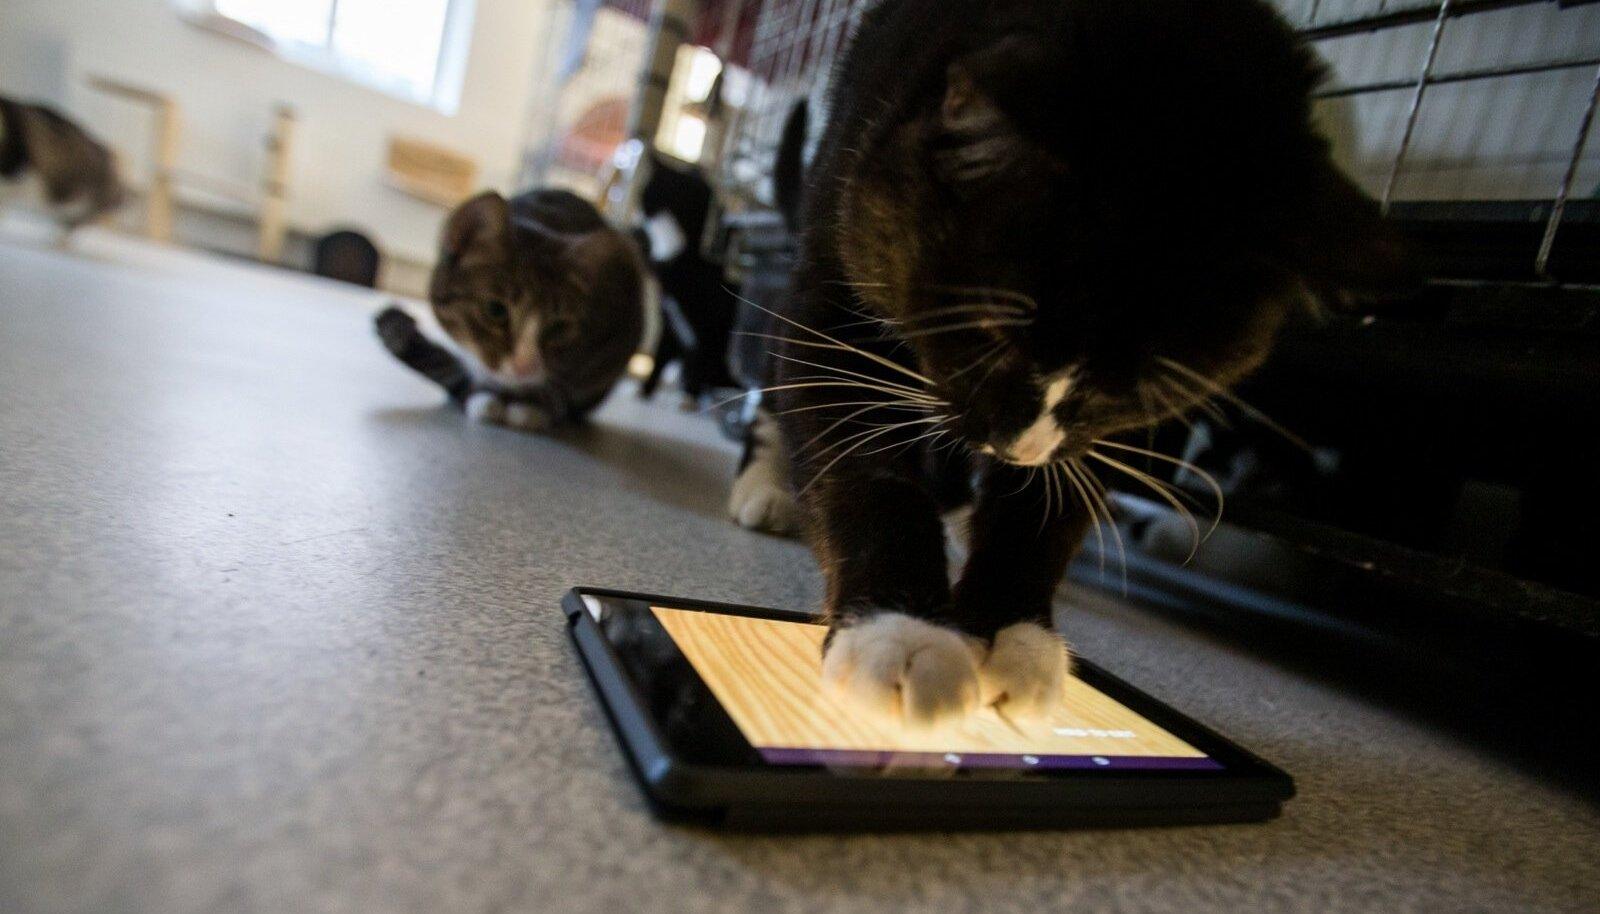 Kui Kansas Citys loodi 2014. aastal kiire Google'i kaabelühendus, siis juhtus see, et hakati saatma 600 kassipilti nanosekundis.